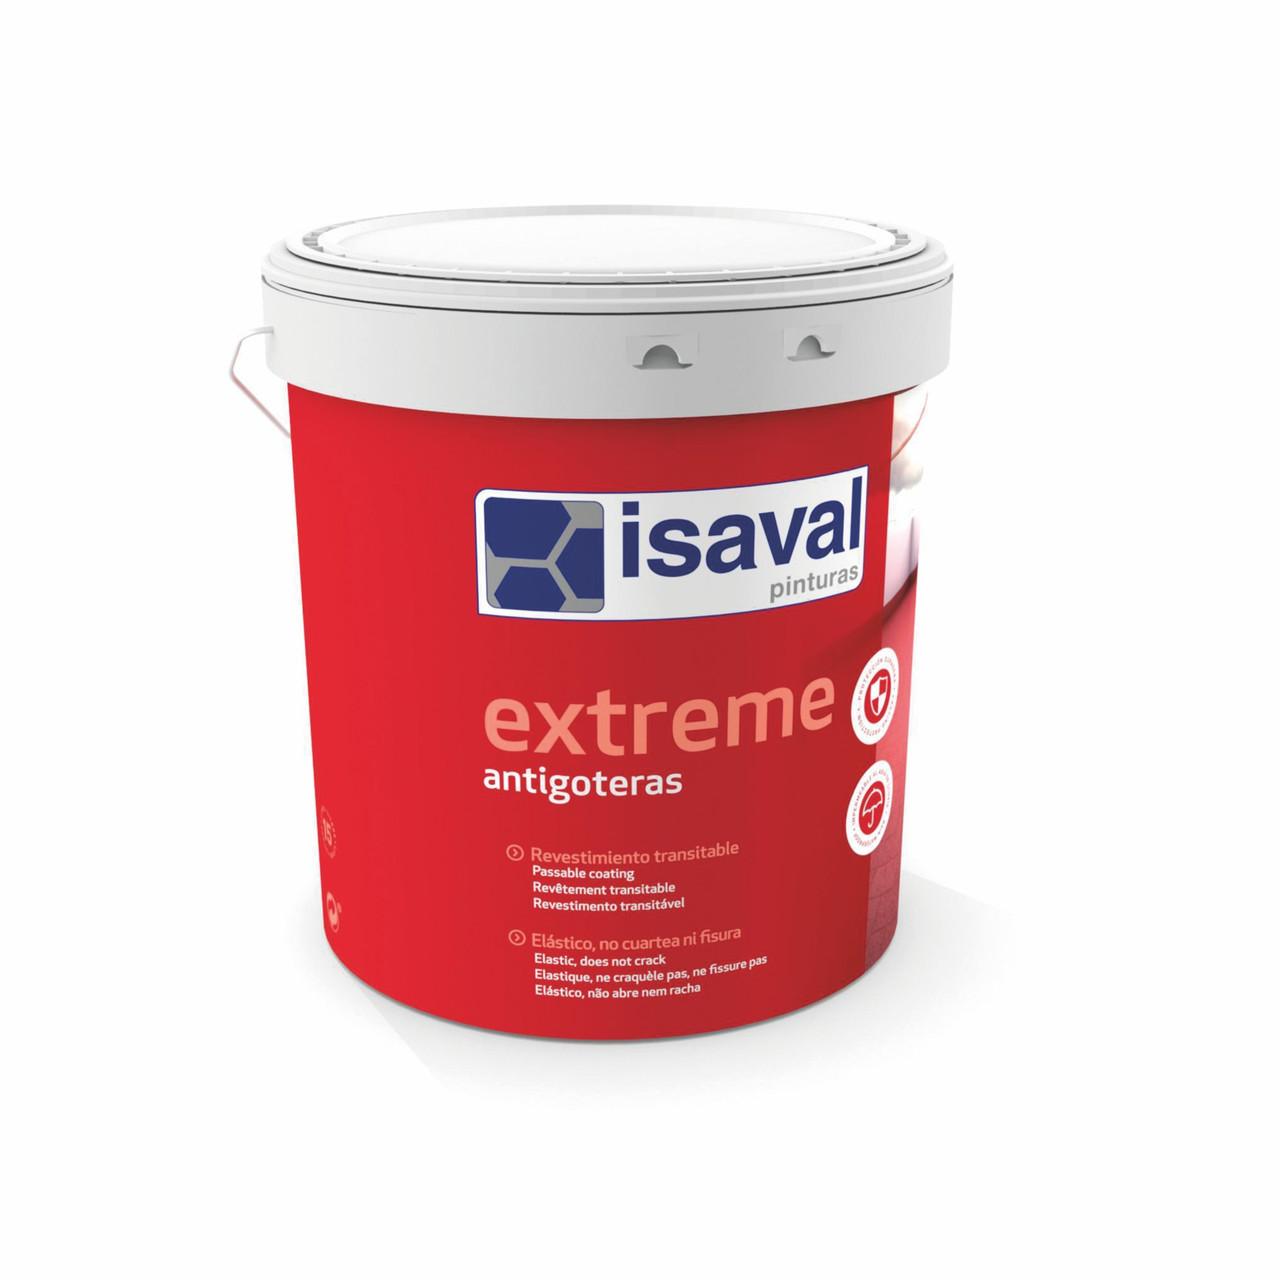 Краска резиновая гидроизолирующая для кровли, стен и полов Антиготерас ISAVAL 4л≈3,2м²/в 3 слоя